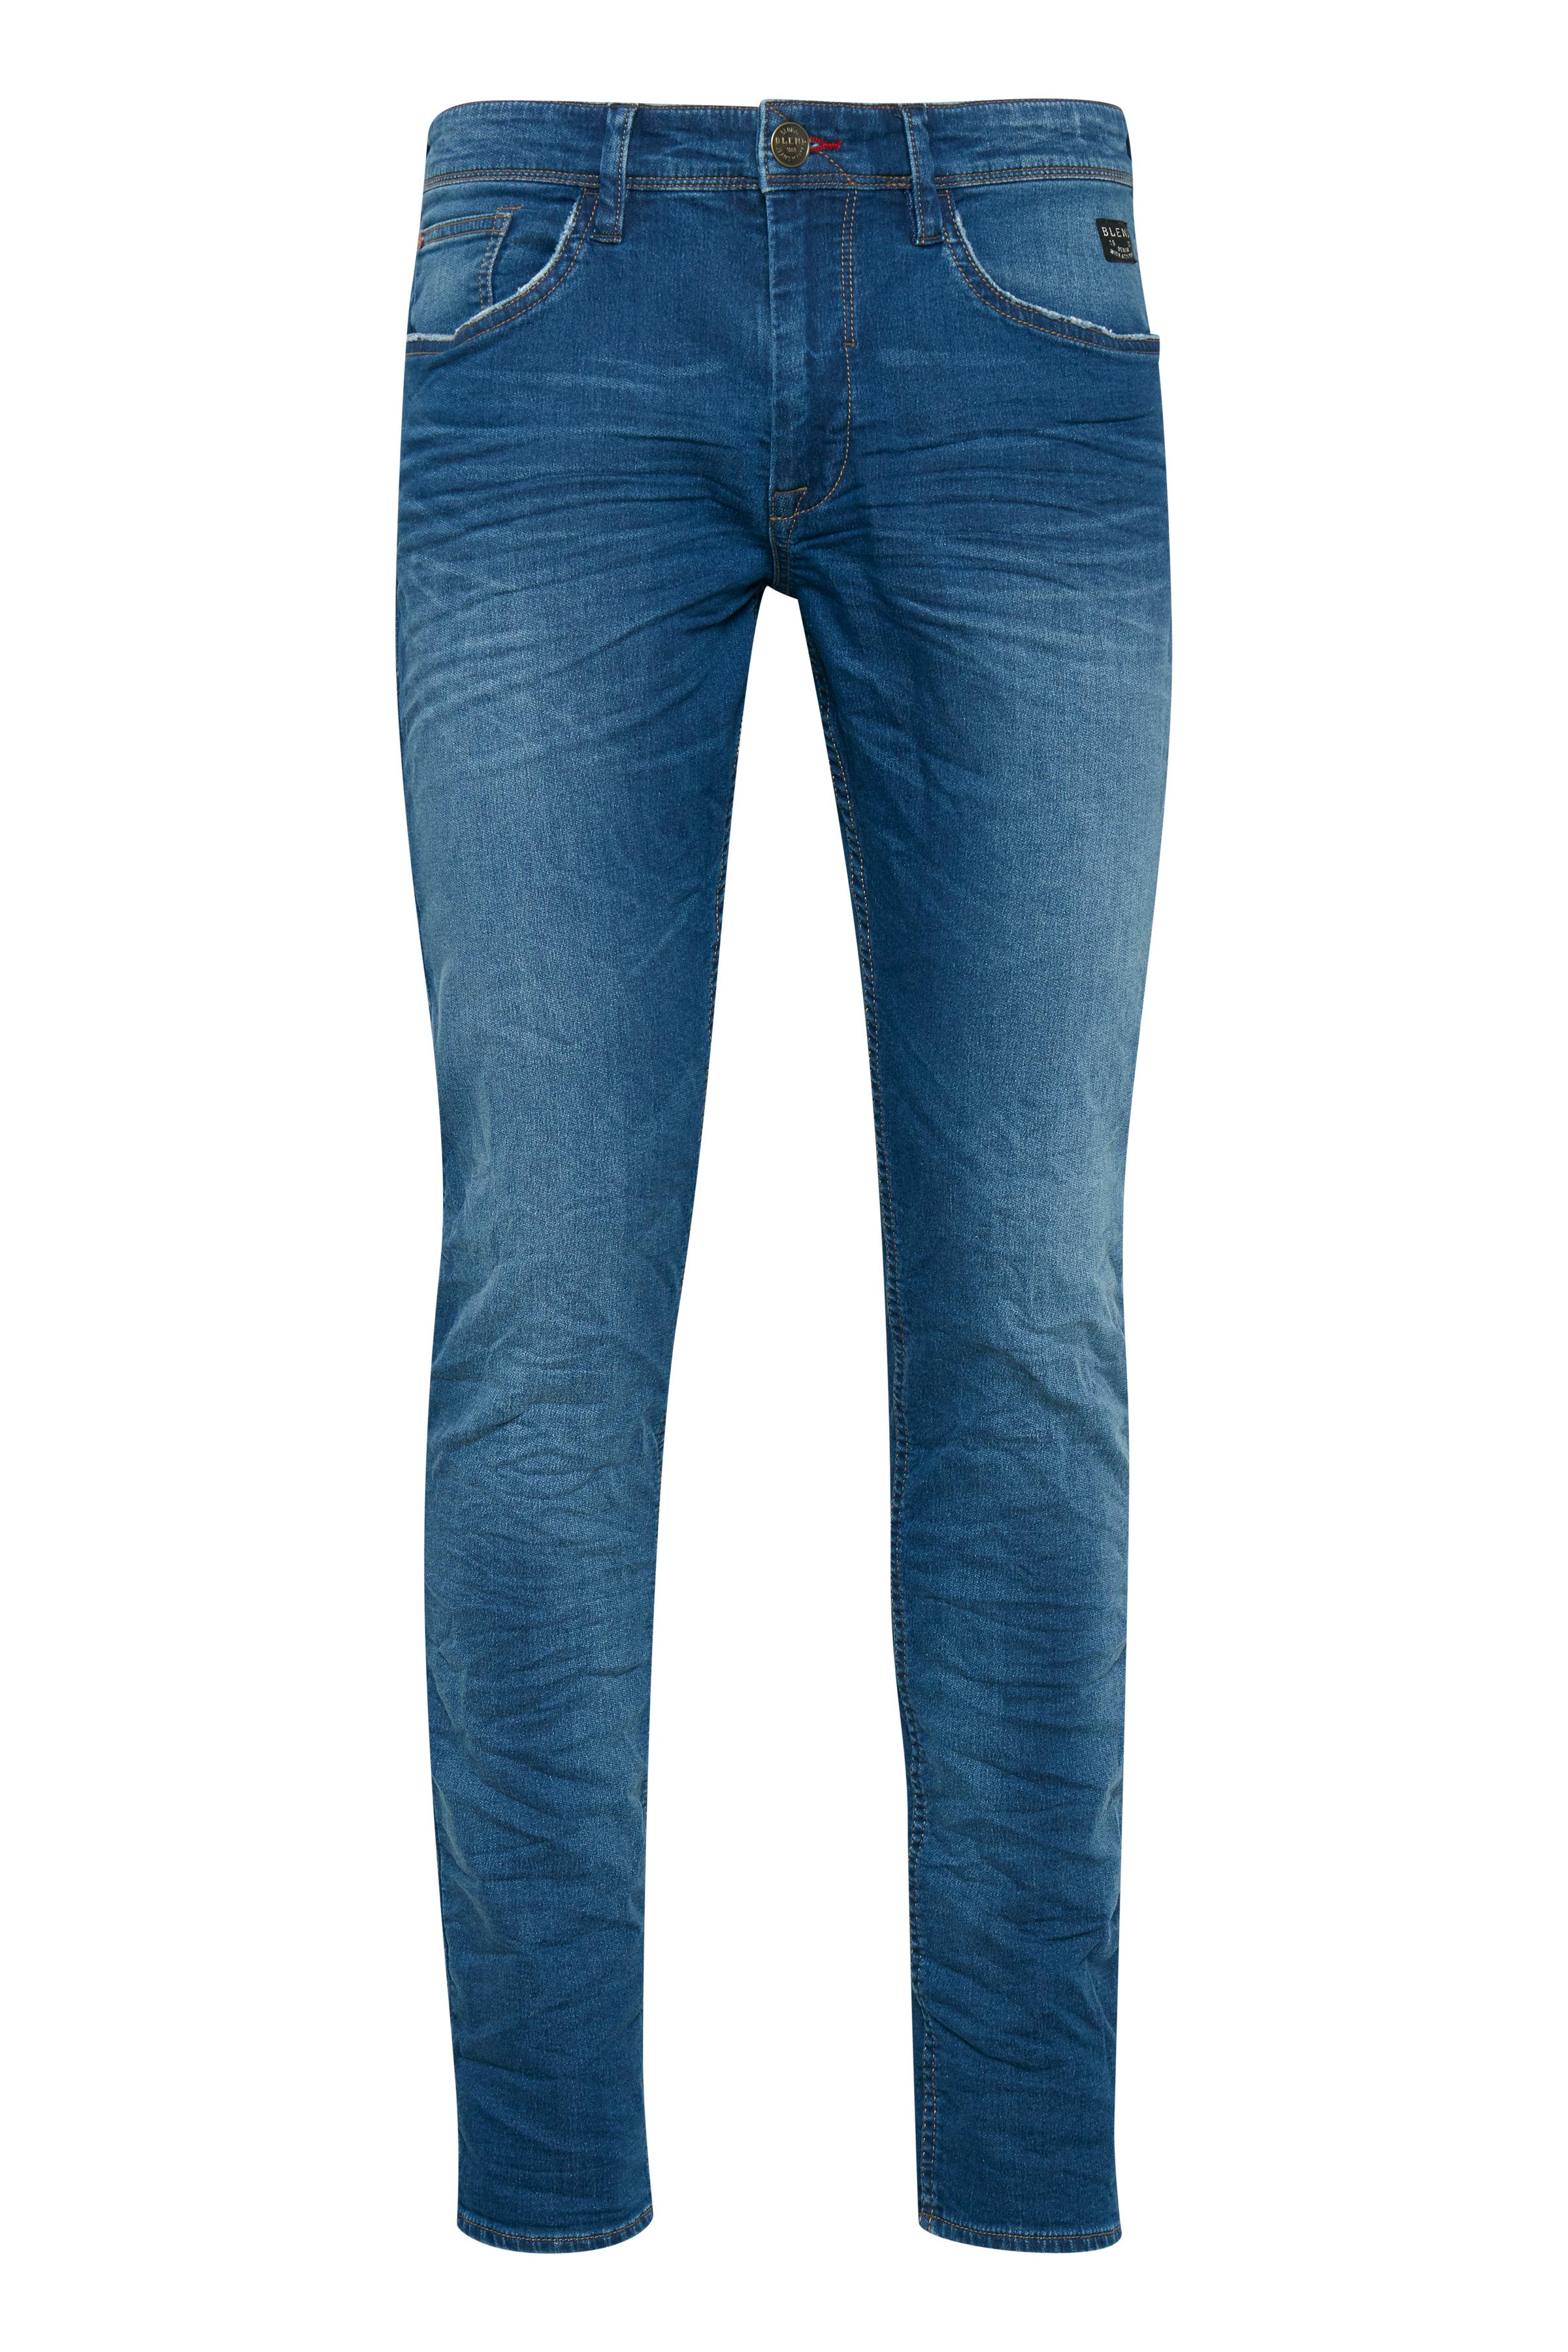 Denim Middle blue